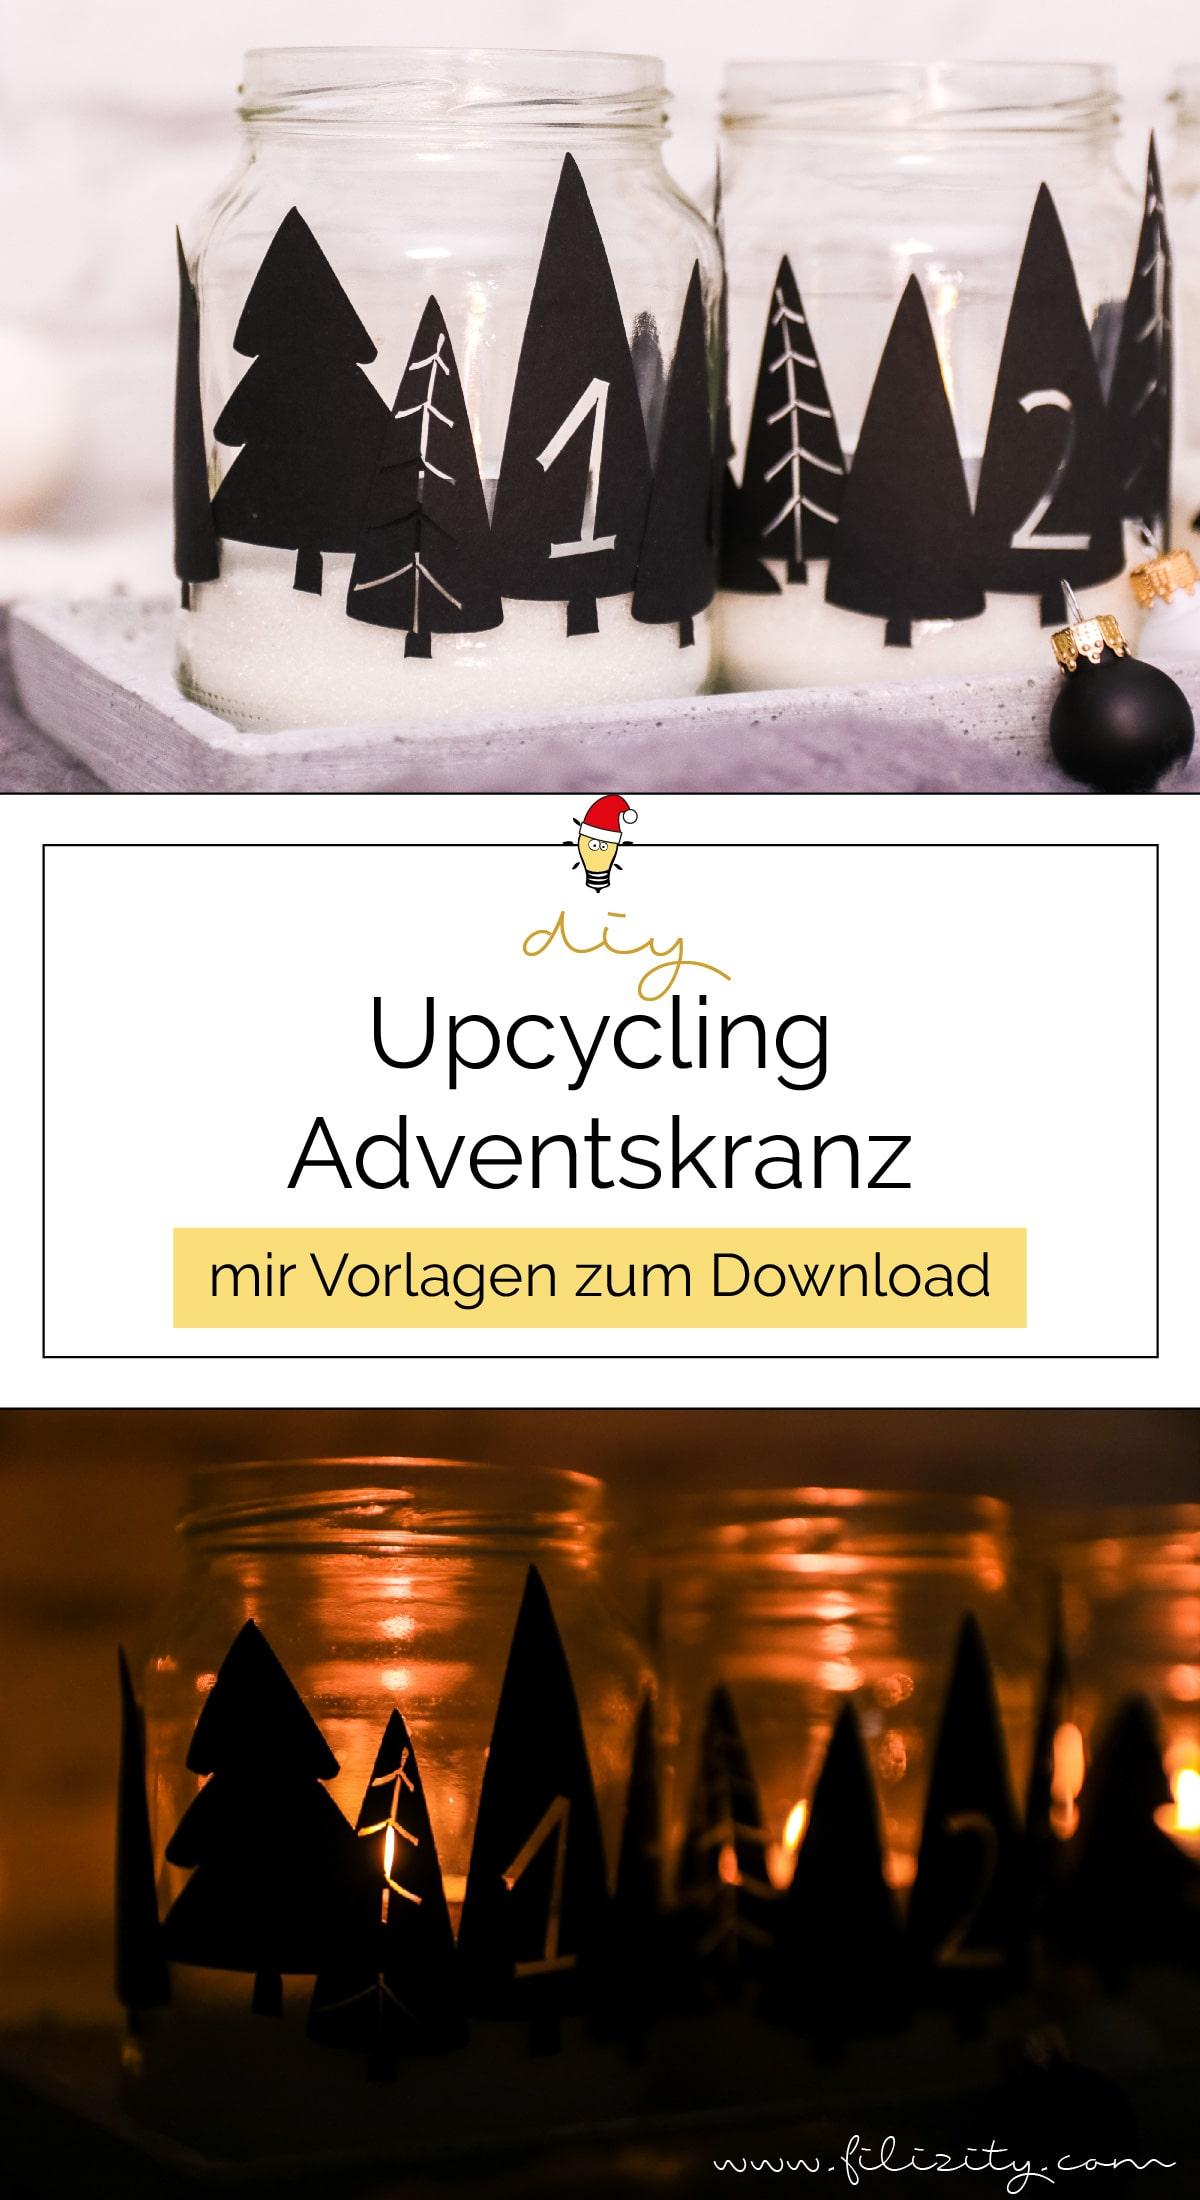 Zero Waste Adventskranz basteln: Upcycling-Idee mit Einmachgläsern (mit Plotterdateien & Druckvorlage) | Filizity.com - DIY Blog aus dem Rheinland